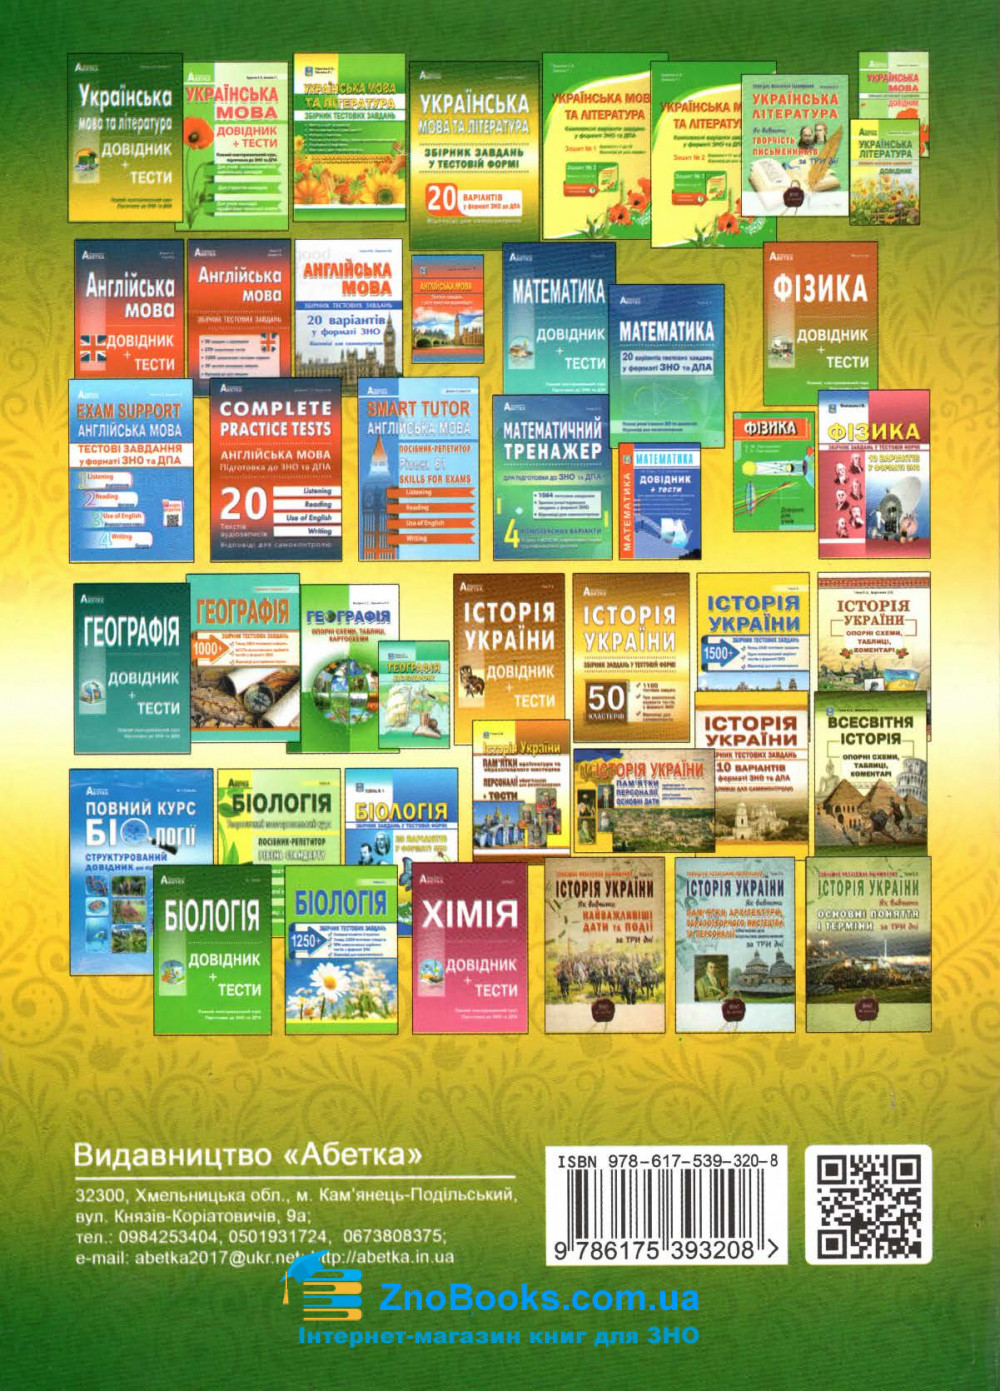 ЗНО 2020 Українська мова та література. Збірник завдань 20 варіантів: Куриліна О. Абетка 9